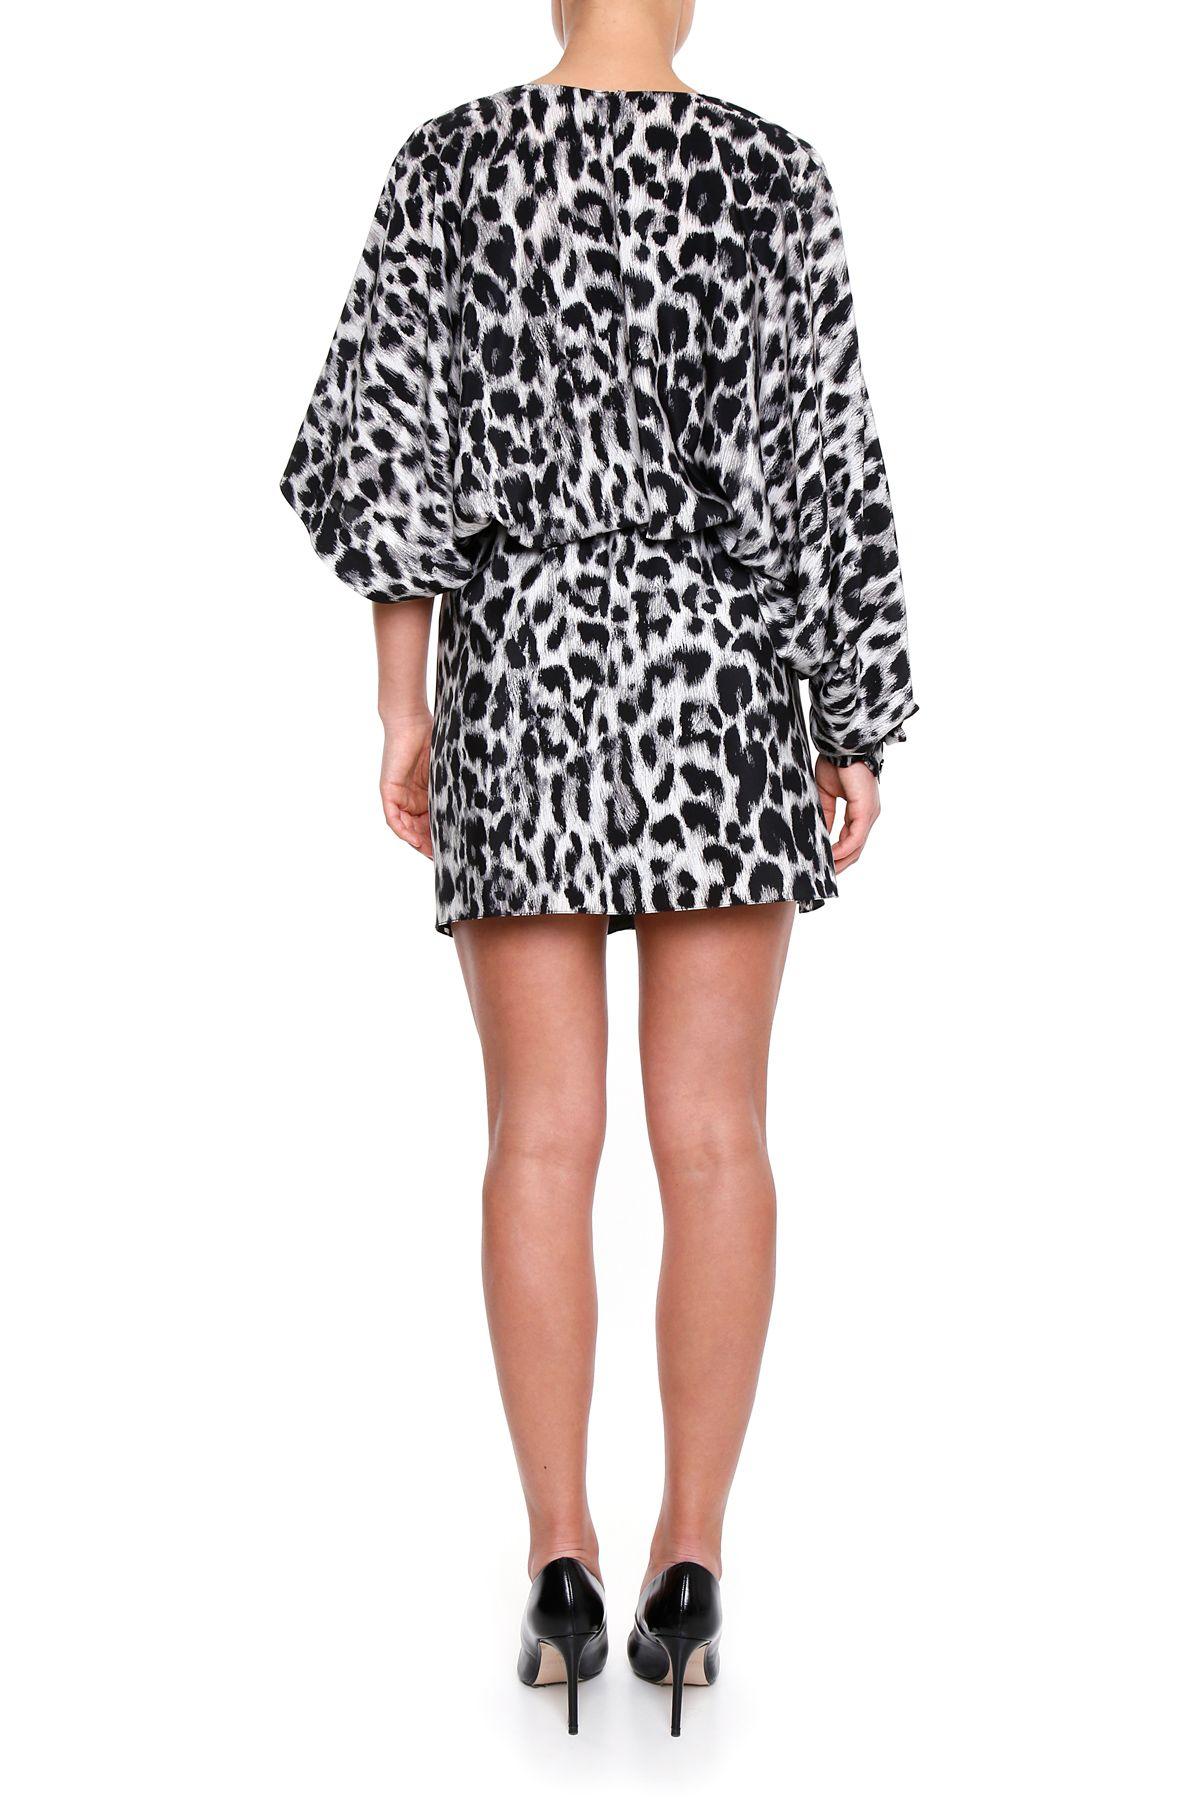 saint laurent leopard crepe de chine dress 465794 y368q 1073 women 39 s dresses italist. Black Bedroom Furniture Sets. Home Design Ideas